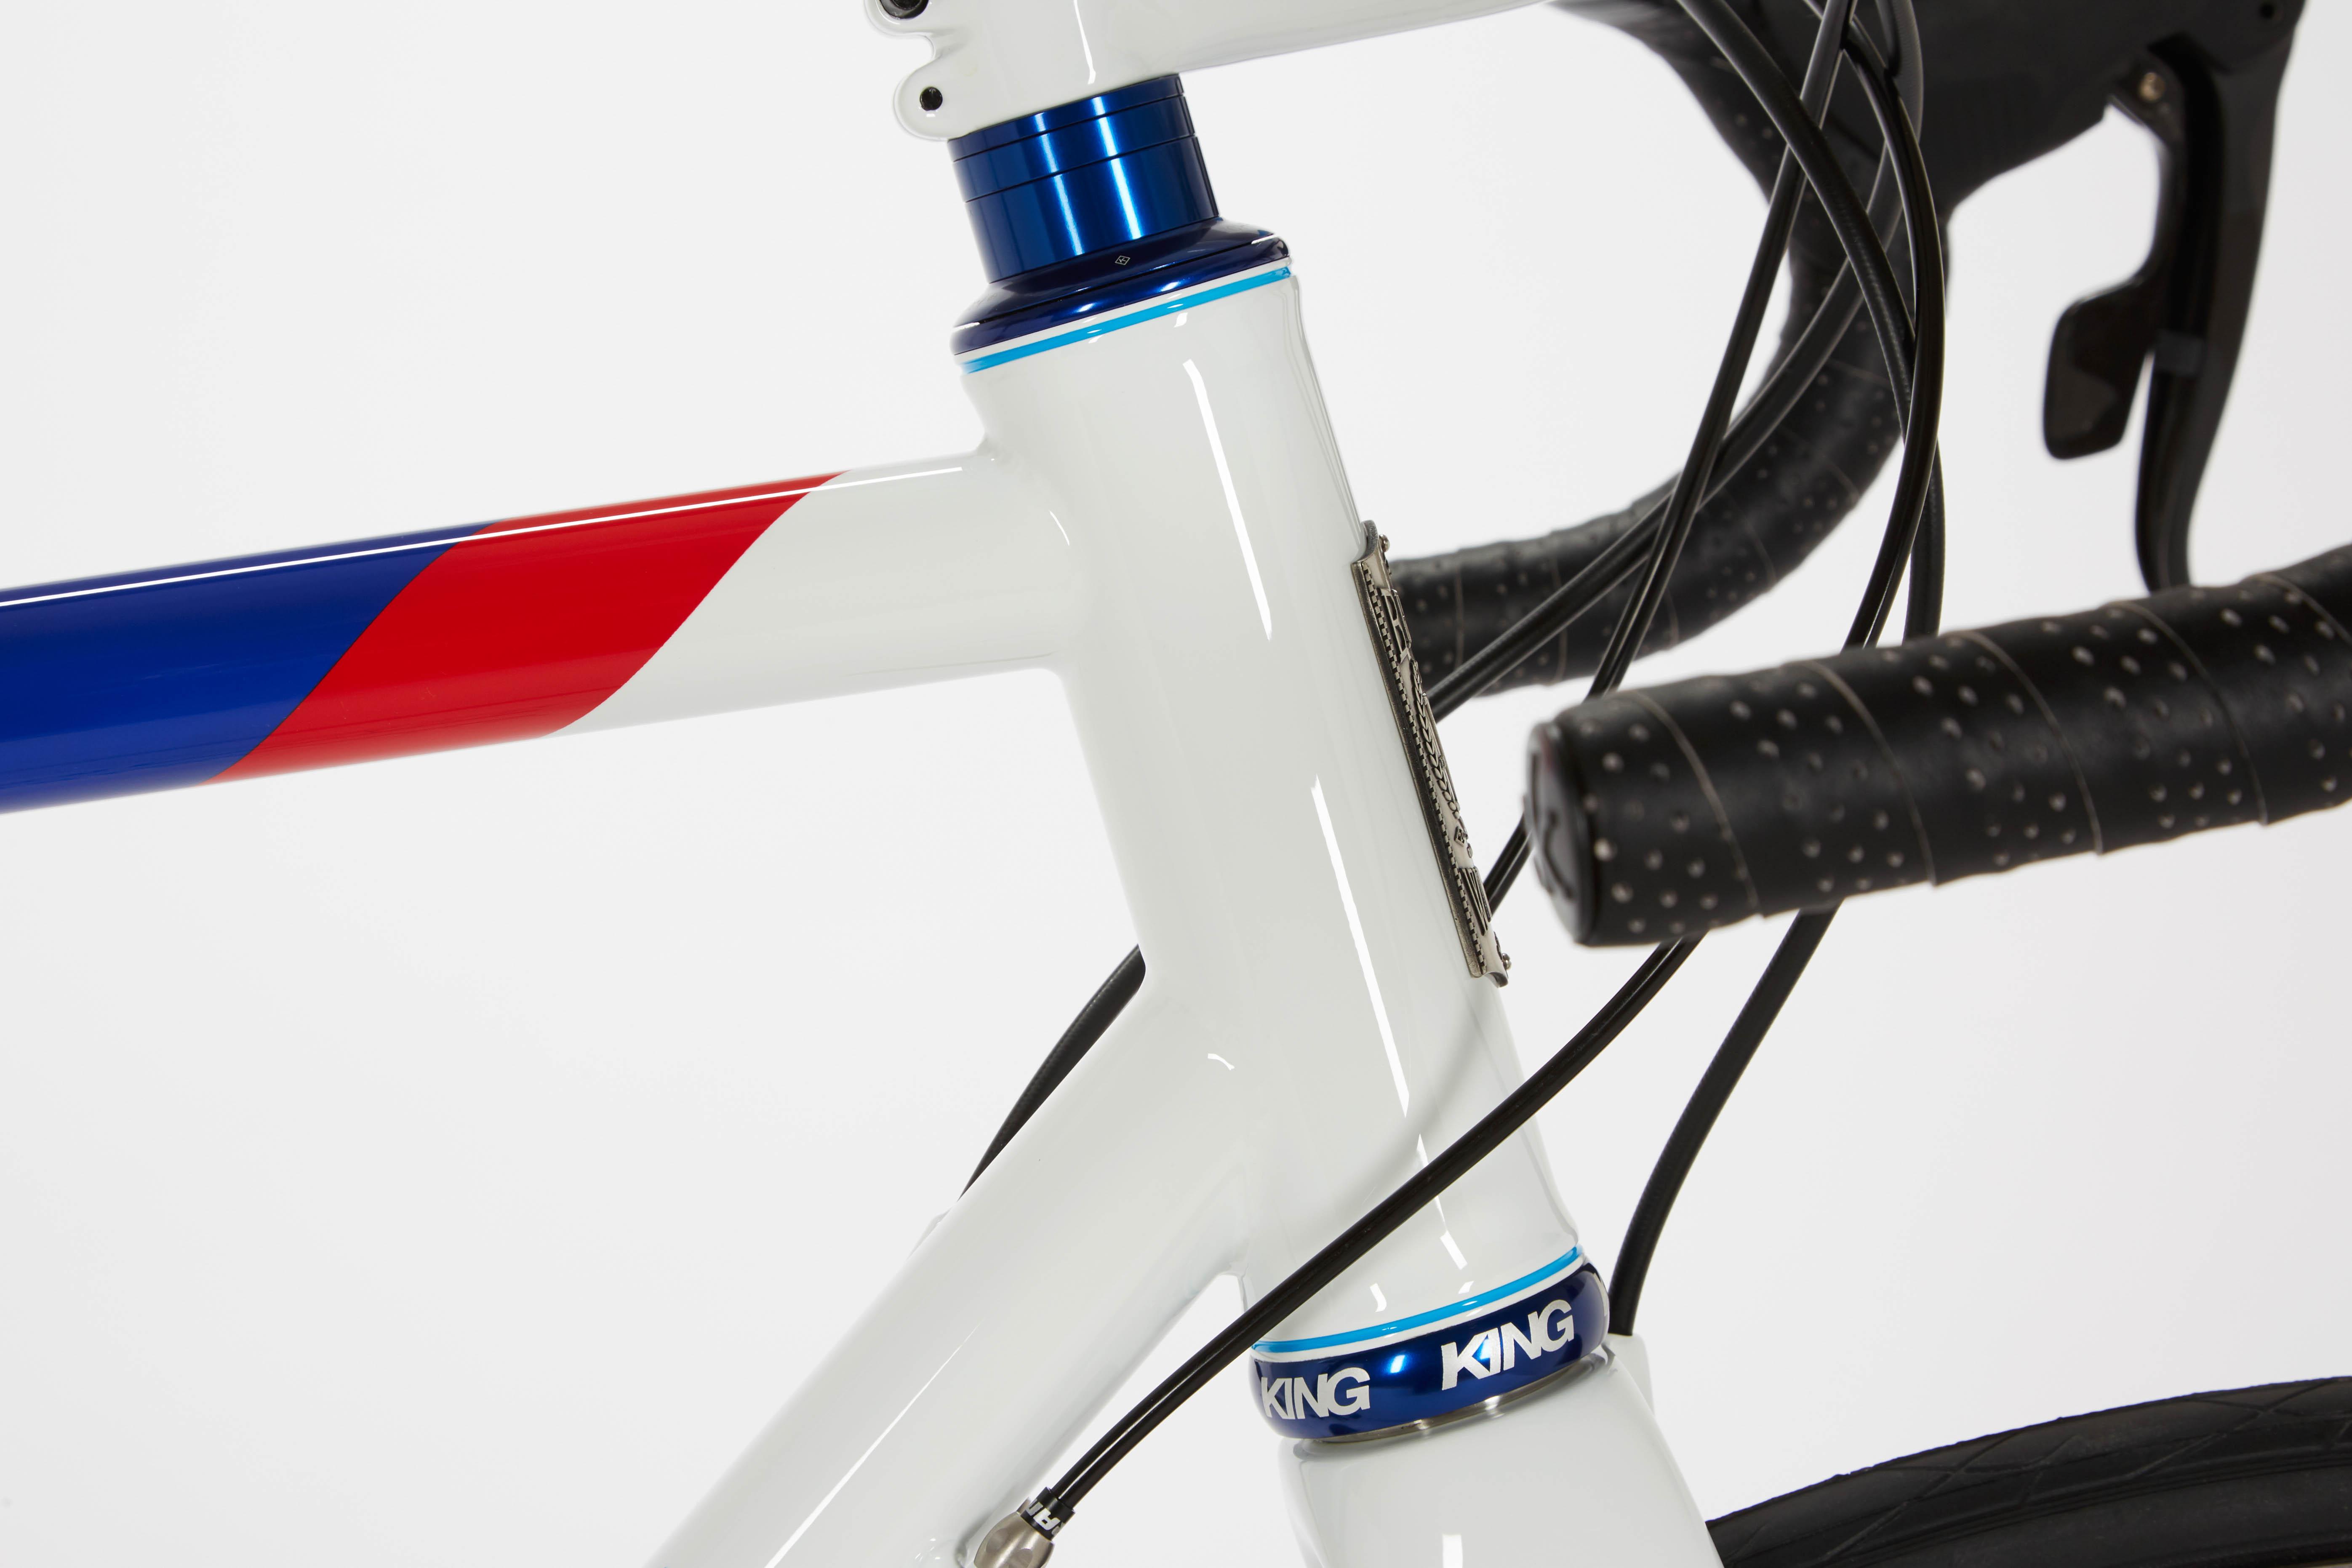 W/// Sport Lolo – Breadwinner Cycles